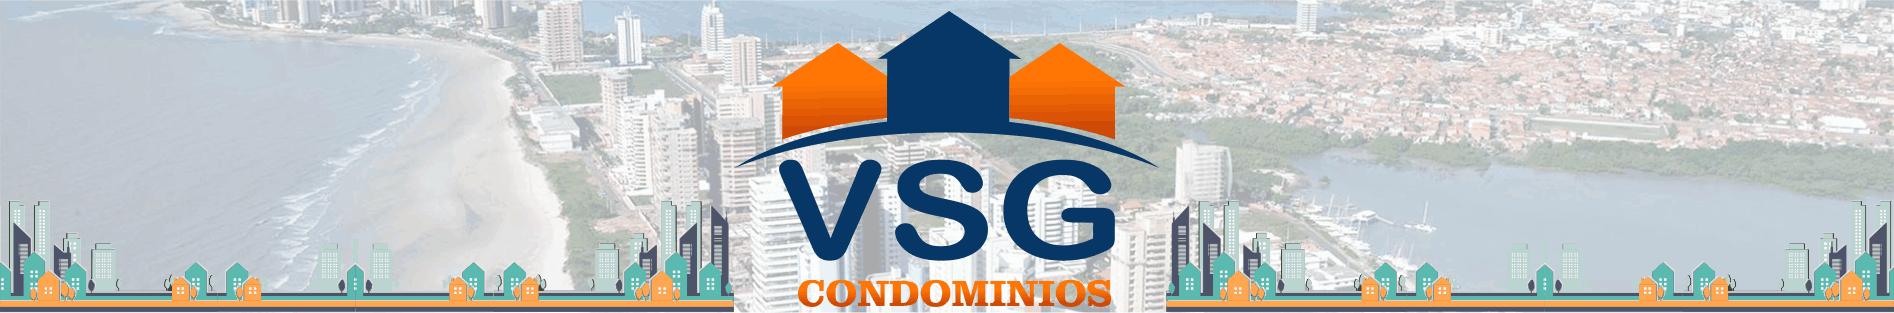 VSG Administradora de Condomínios